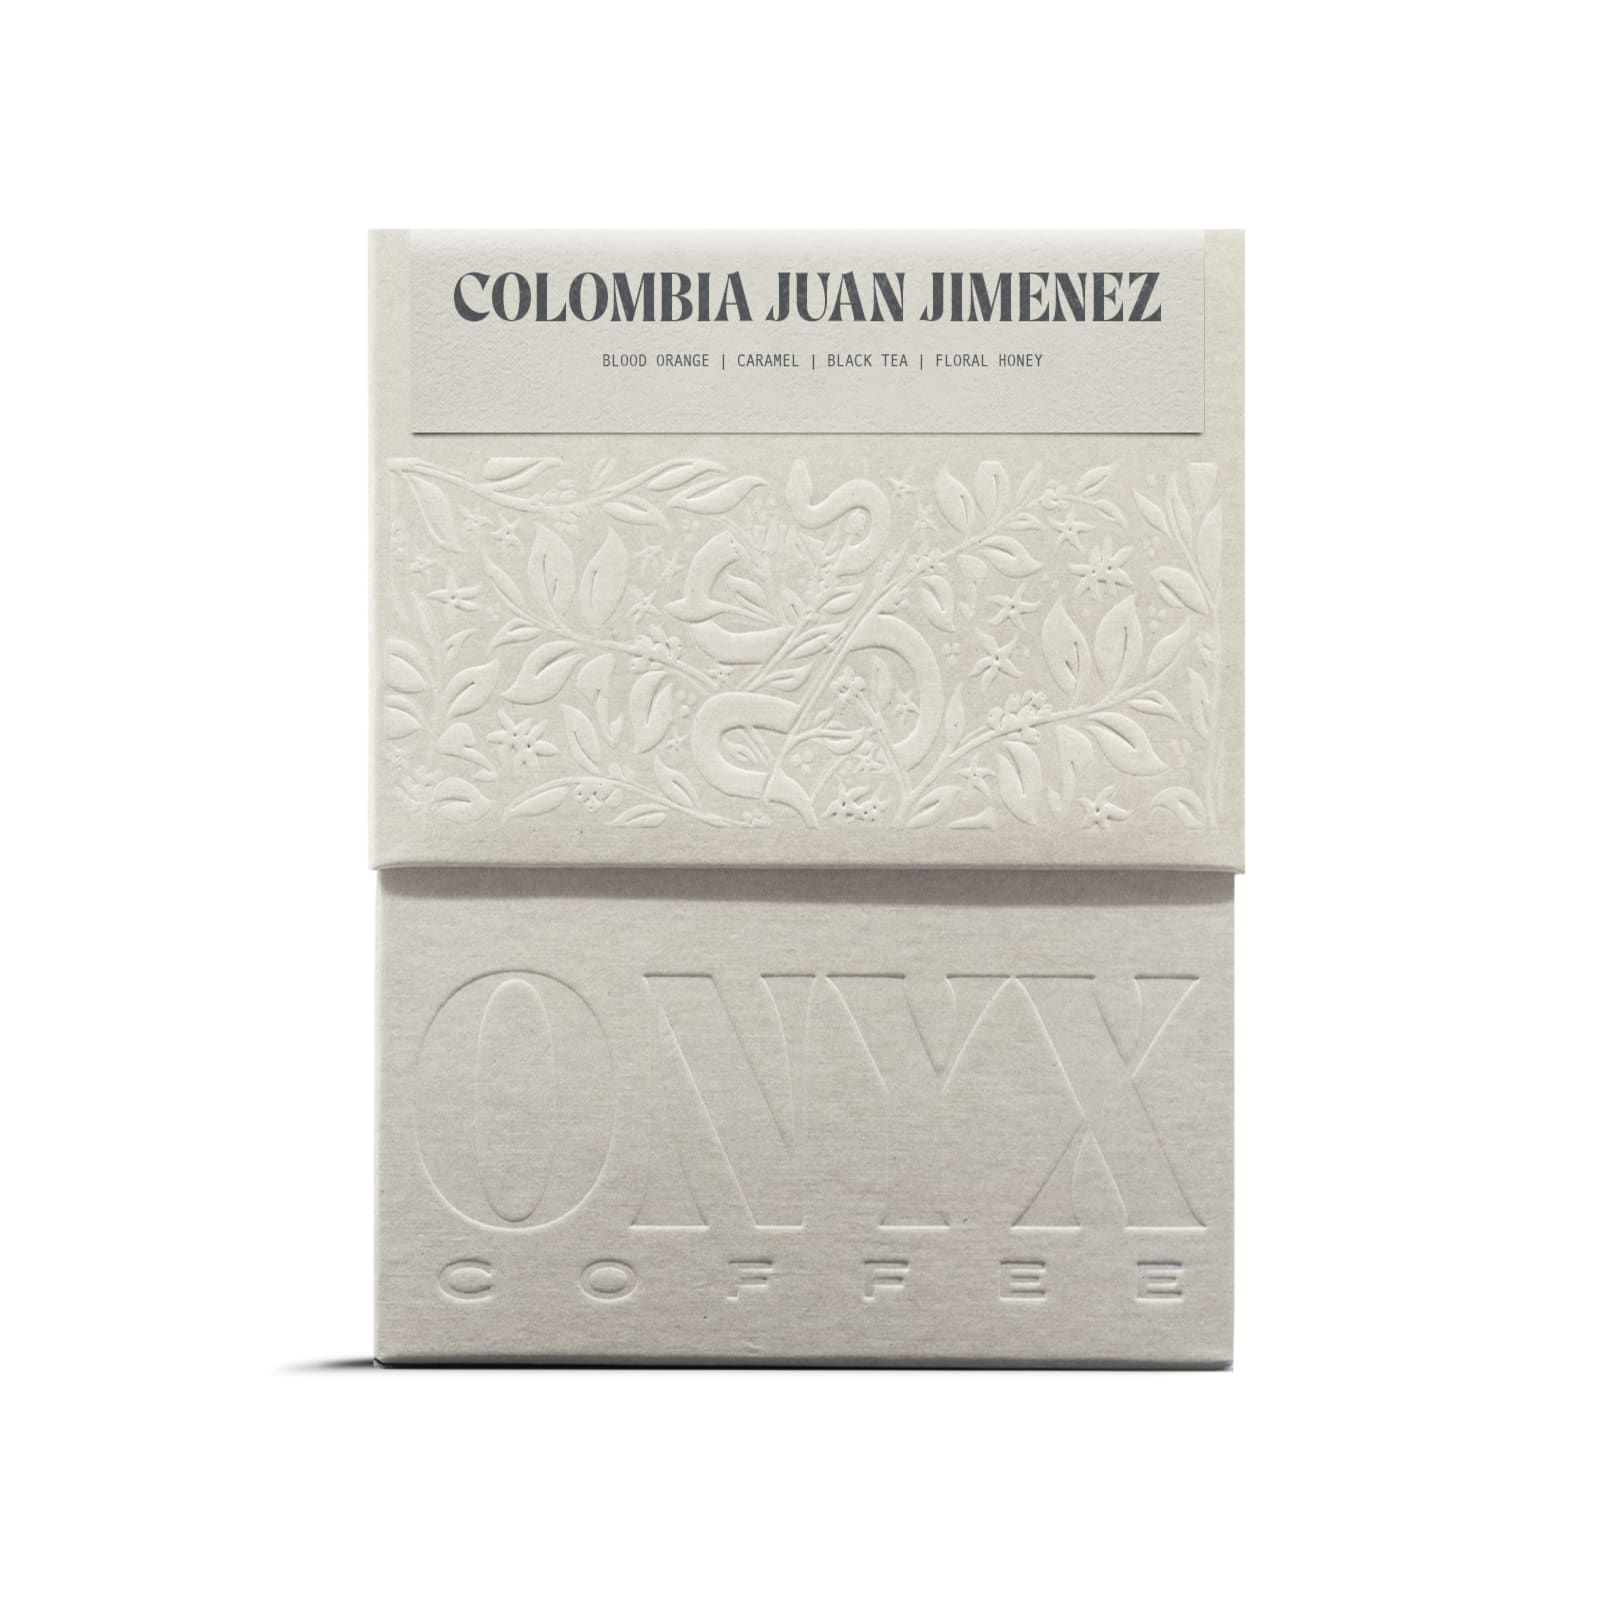 Colombia Juan Jimenez